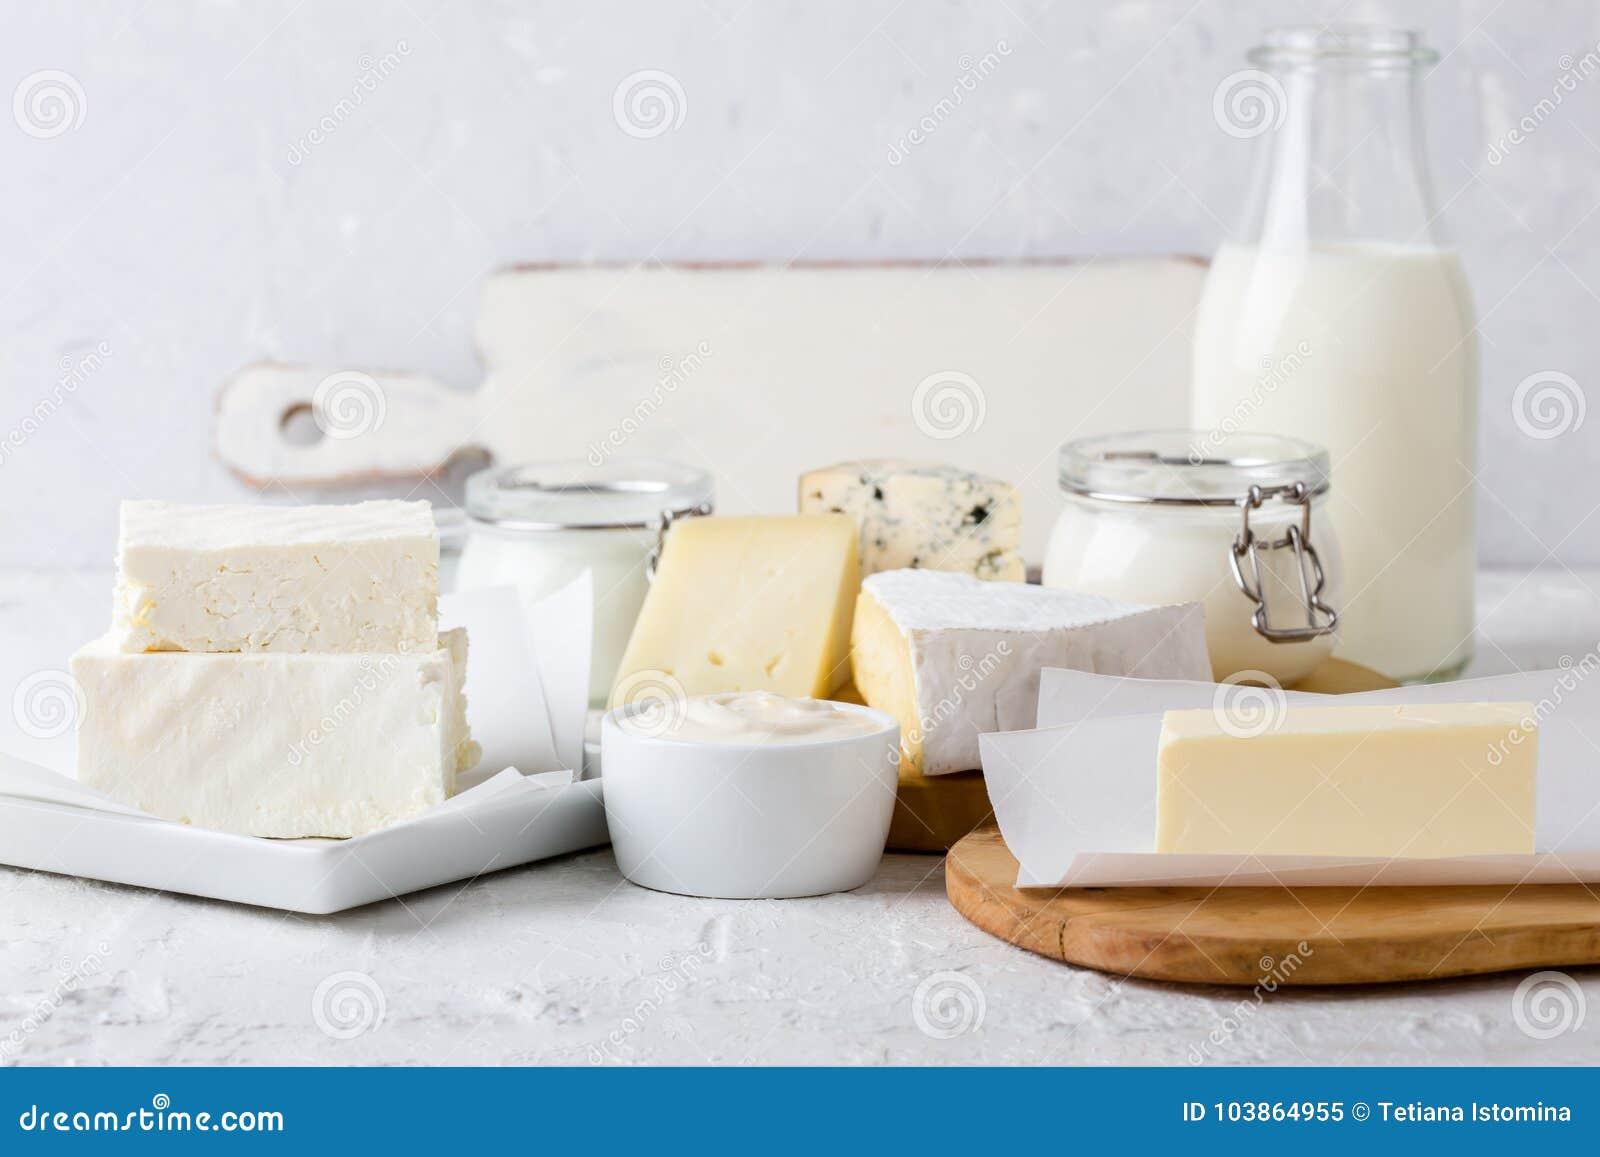 Produtos láteos orgânicos frescos Queijo, manteiga, creme de leite, iogurte e leite